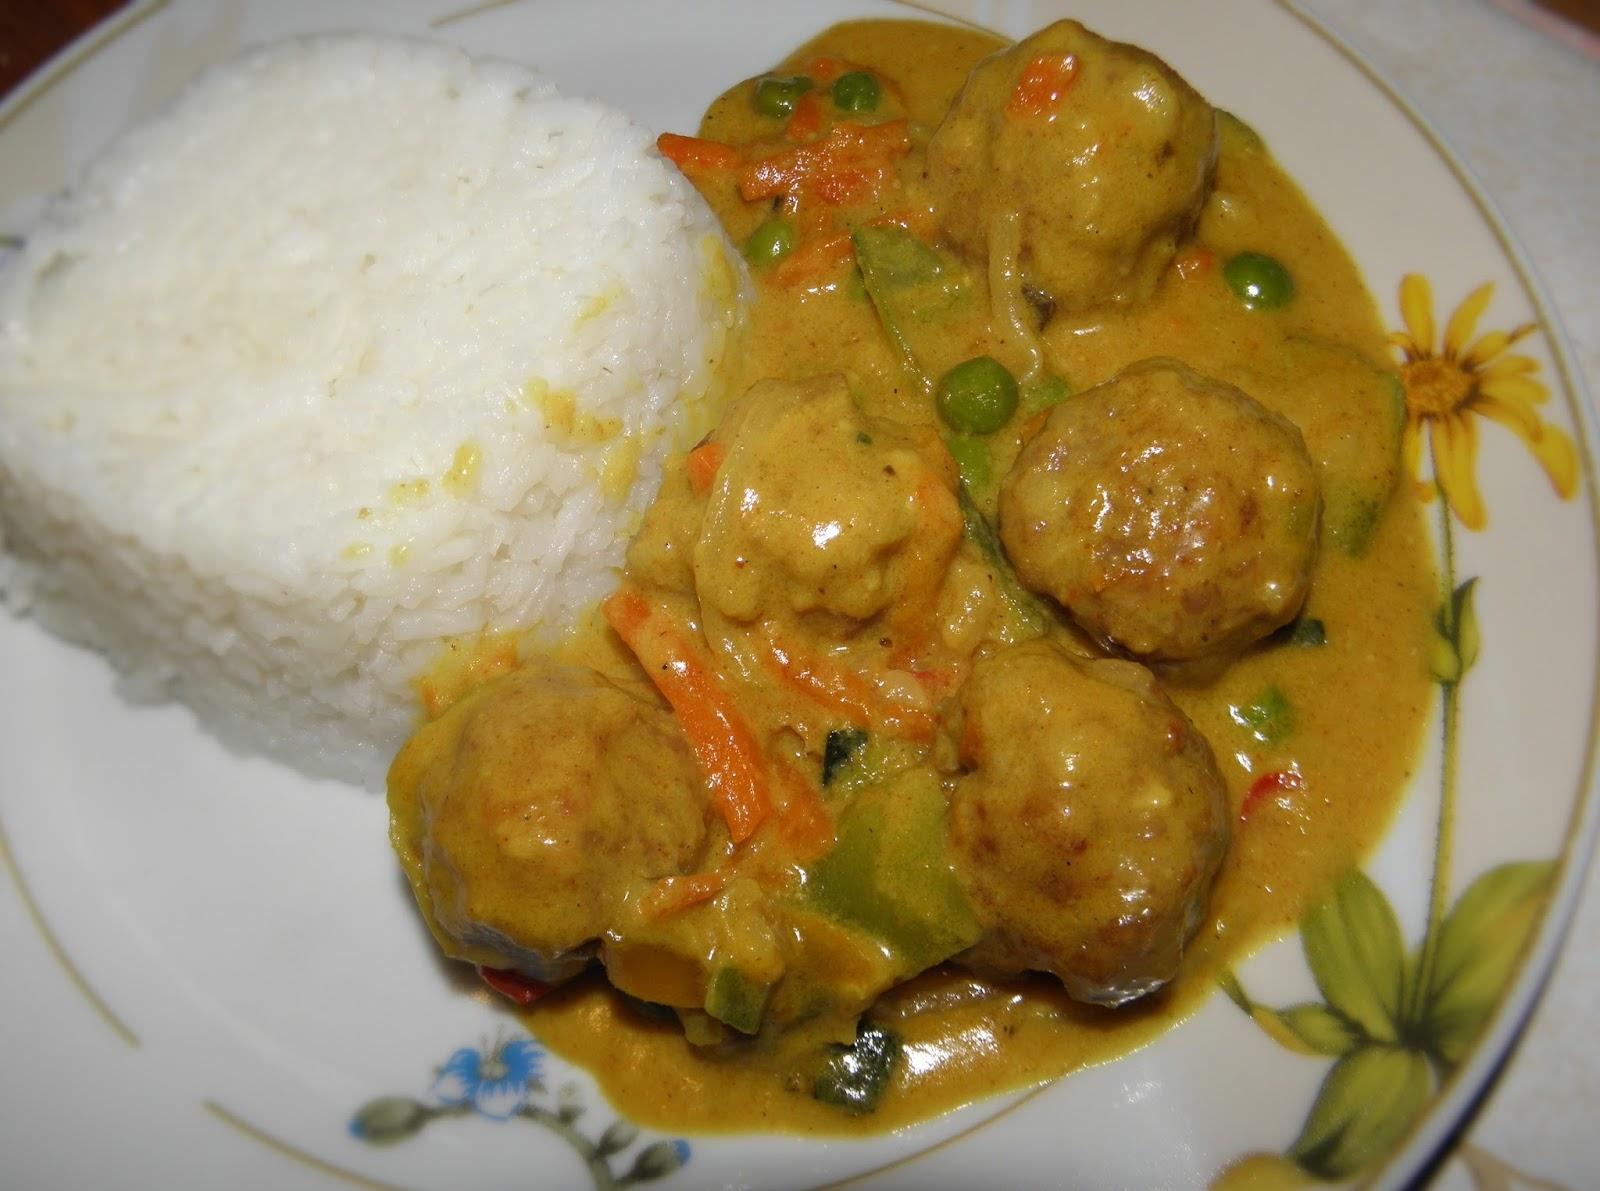 http://zakubkamitalerzami.blogspot.com/2014/11/pulpeciki-w-sosie-curry-z-warzywami.html